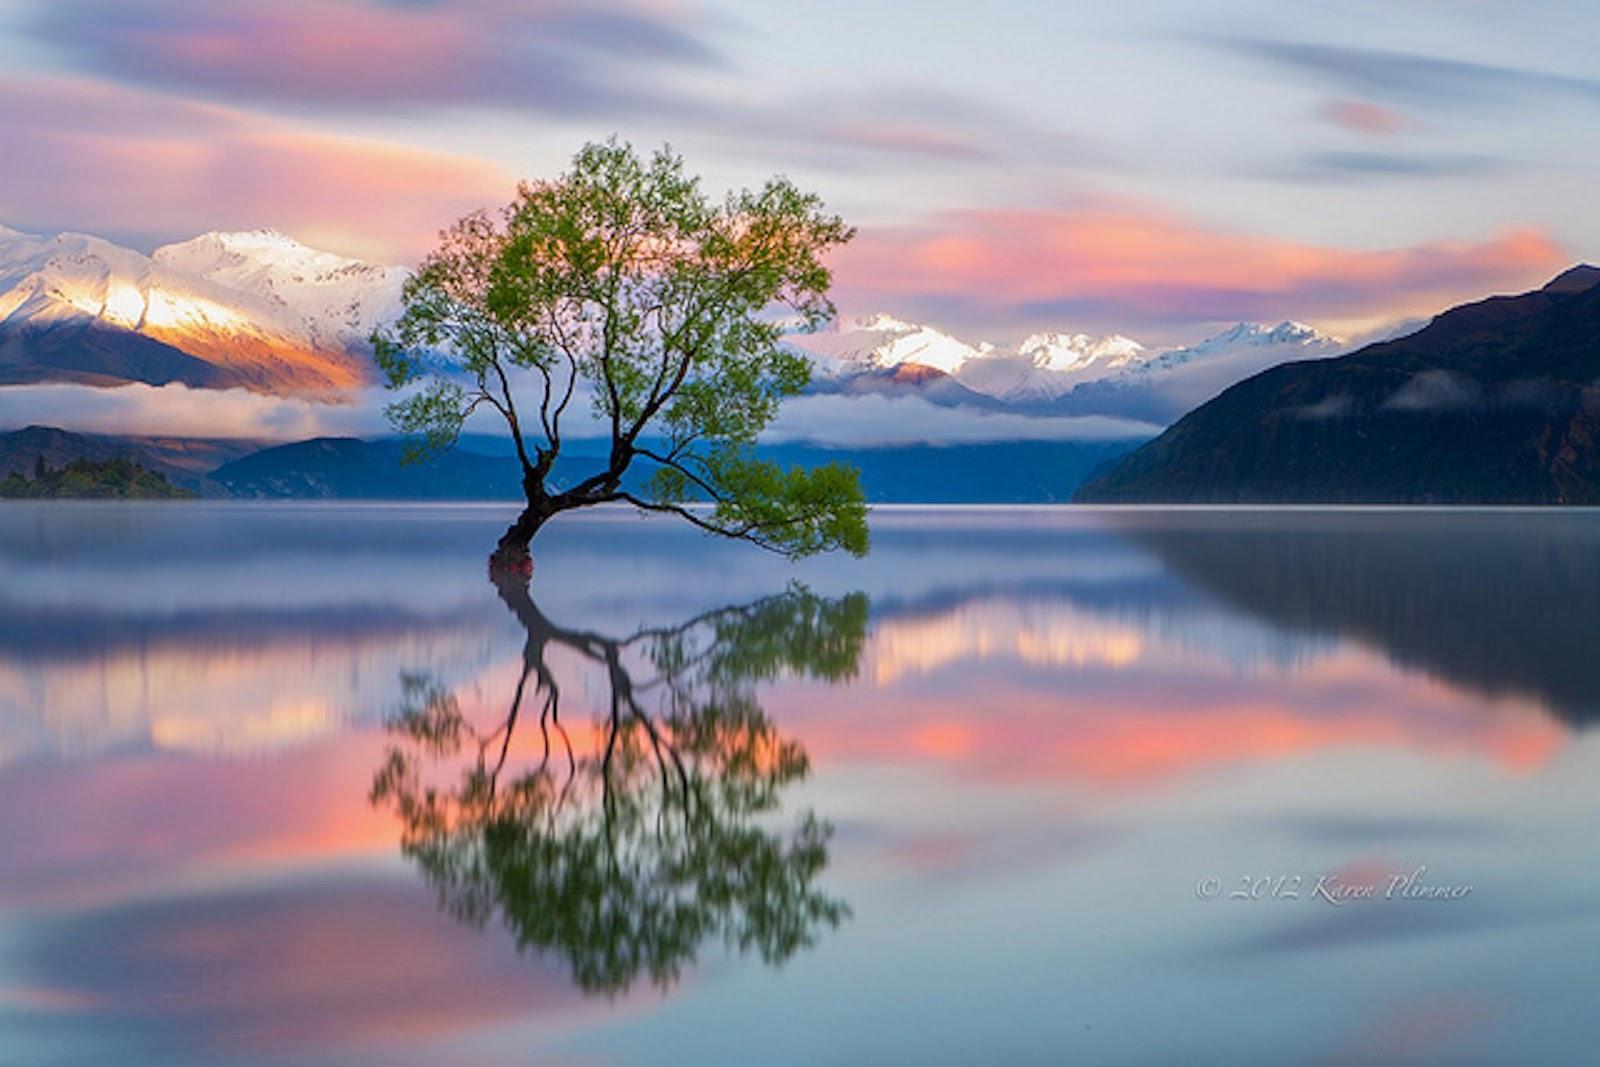 Imagenes fotos paisajes y mas para fondos y diapositivas el mundo al instante para ustedes - Imagenes de paisajes ...